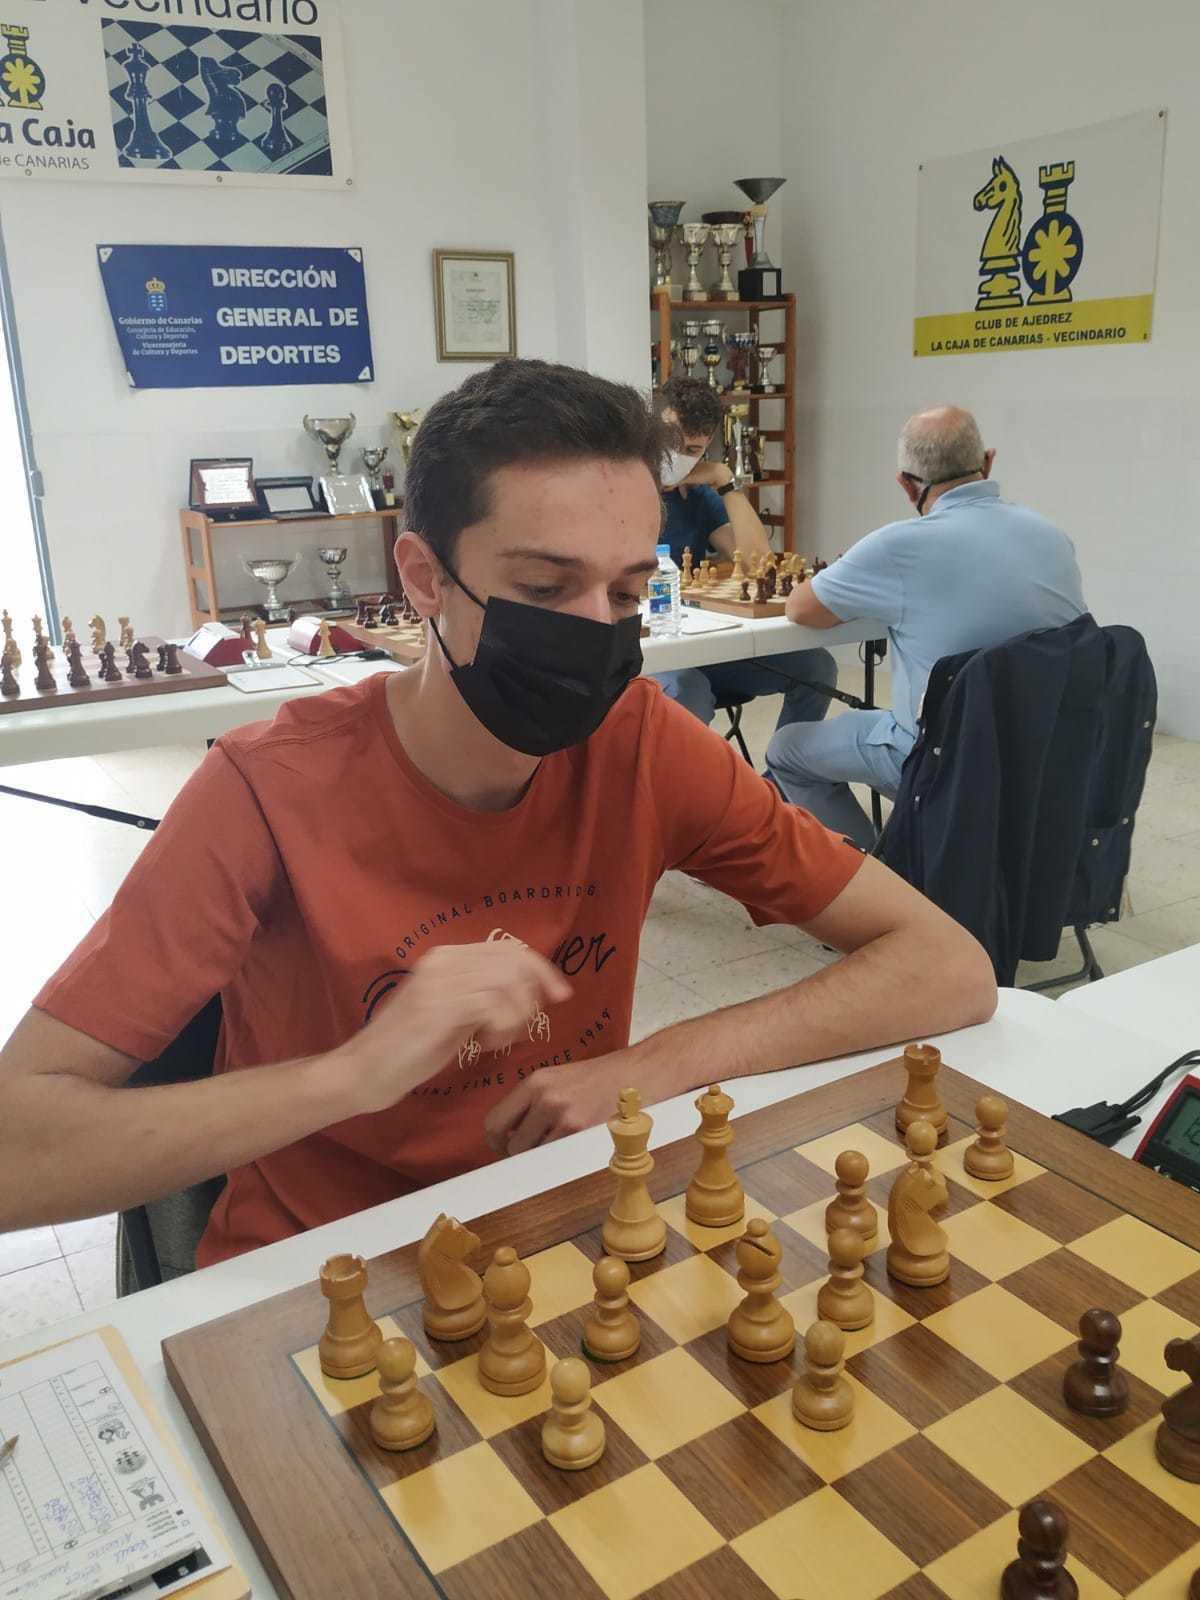 XIII Memorial Pedro Lezcano Montalvo (Torneo cerrado) Raúl Pérez Guerra